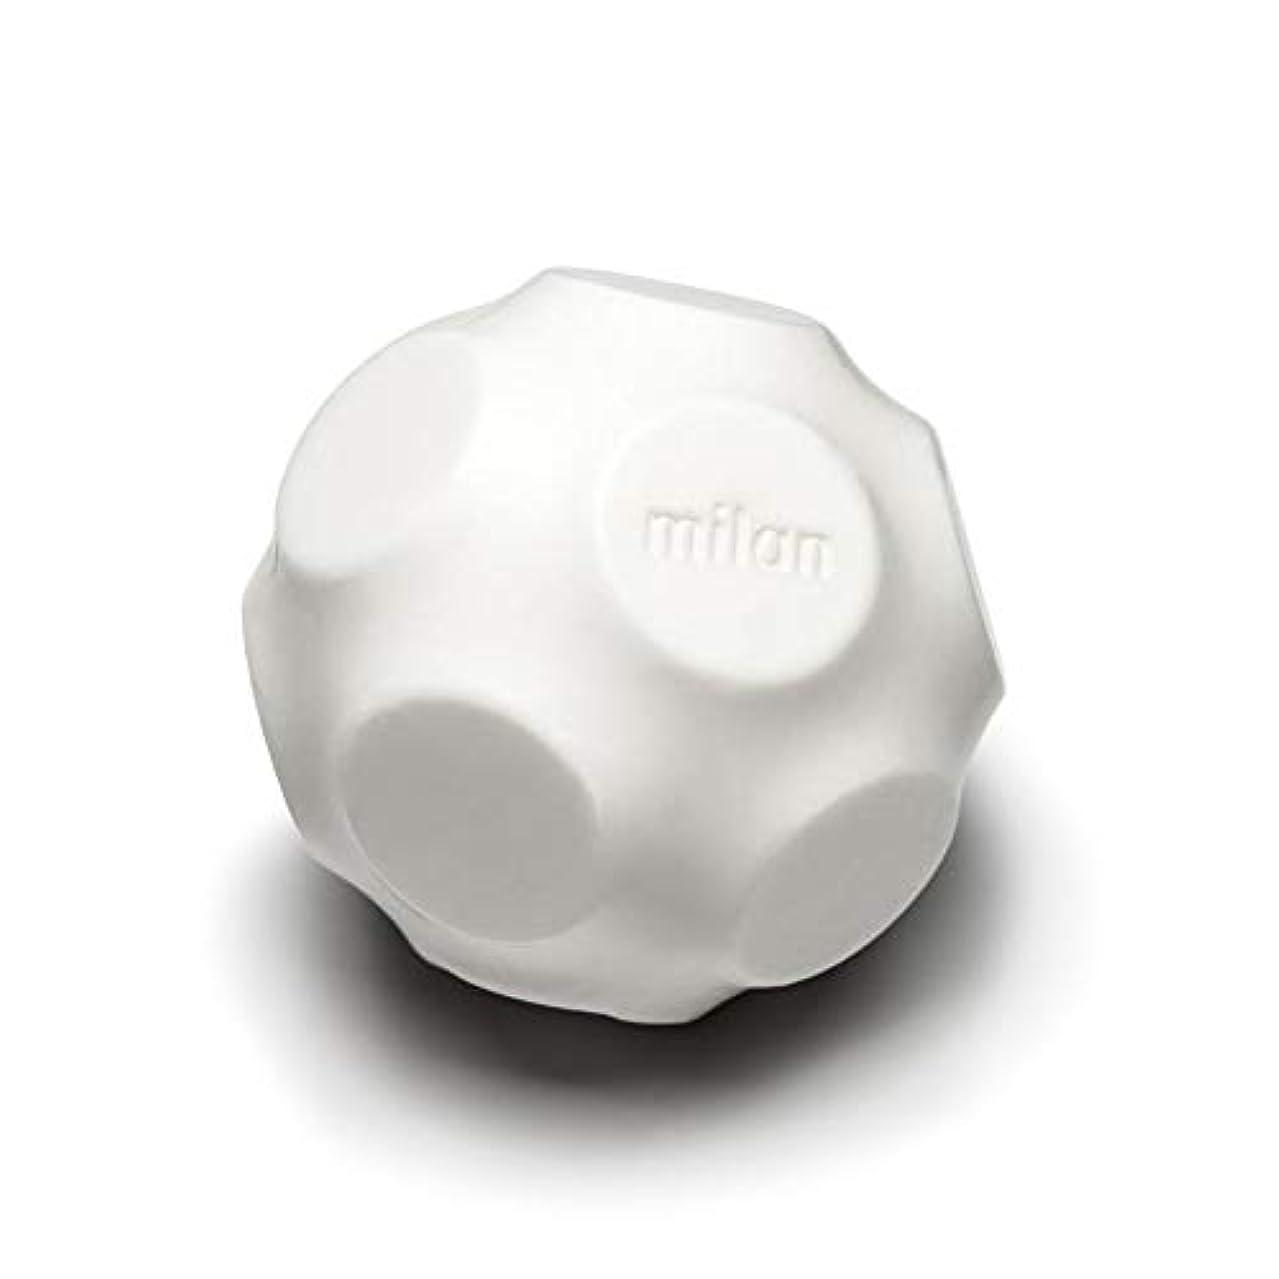 アラブ人息苦しい副Maison Milan SIMONA ダイヤモンド粉 ホワイト 石鹸